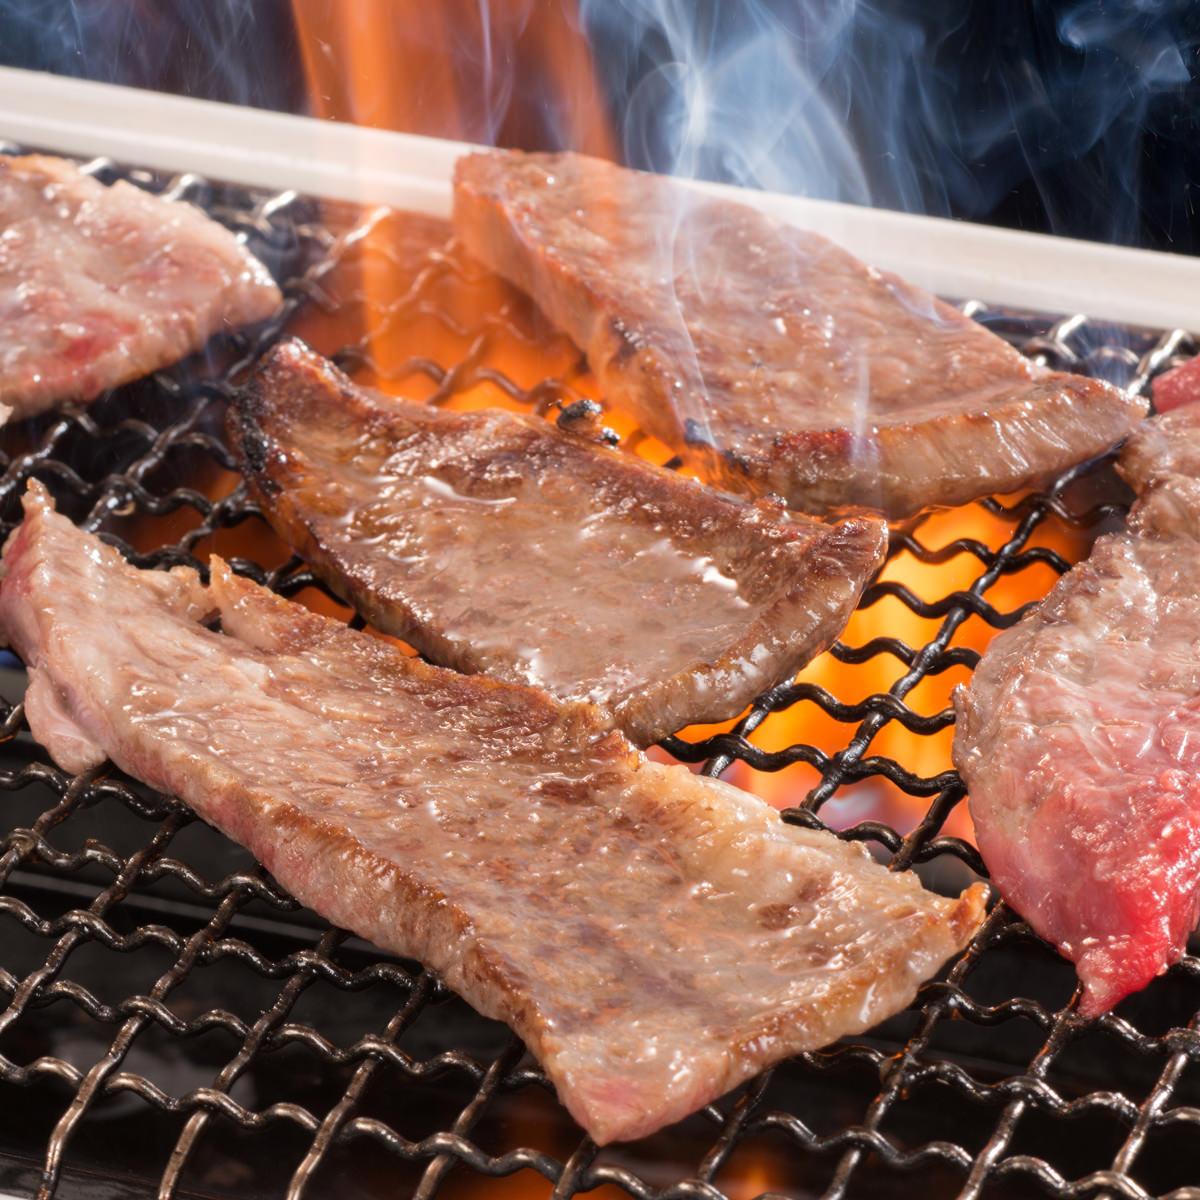 松坂まるよし お祝いやおもてなしにも喜ばれる美味しさ 松阪牛焼肉 肩肉 モモ肉 バラ肉〔200g〕